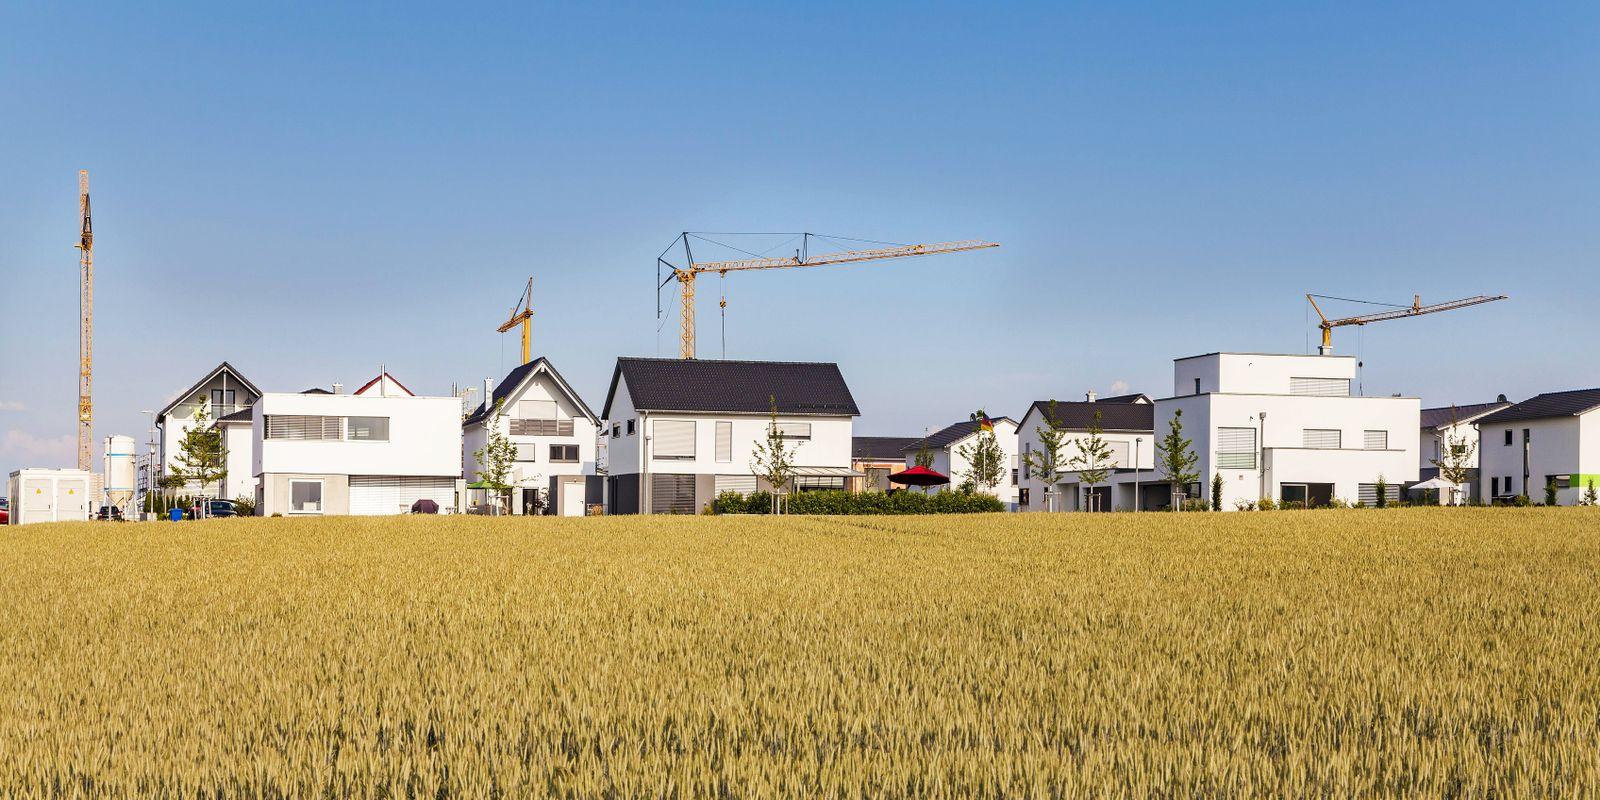 EINMALIGE VERWENDUNG Einfamilienhaeus / Immobilien / Baustelle / Huasbesitz / Grundbesitz / Immobilie / Haus